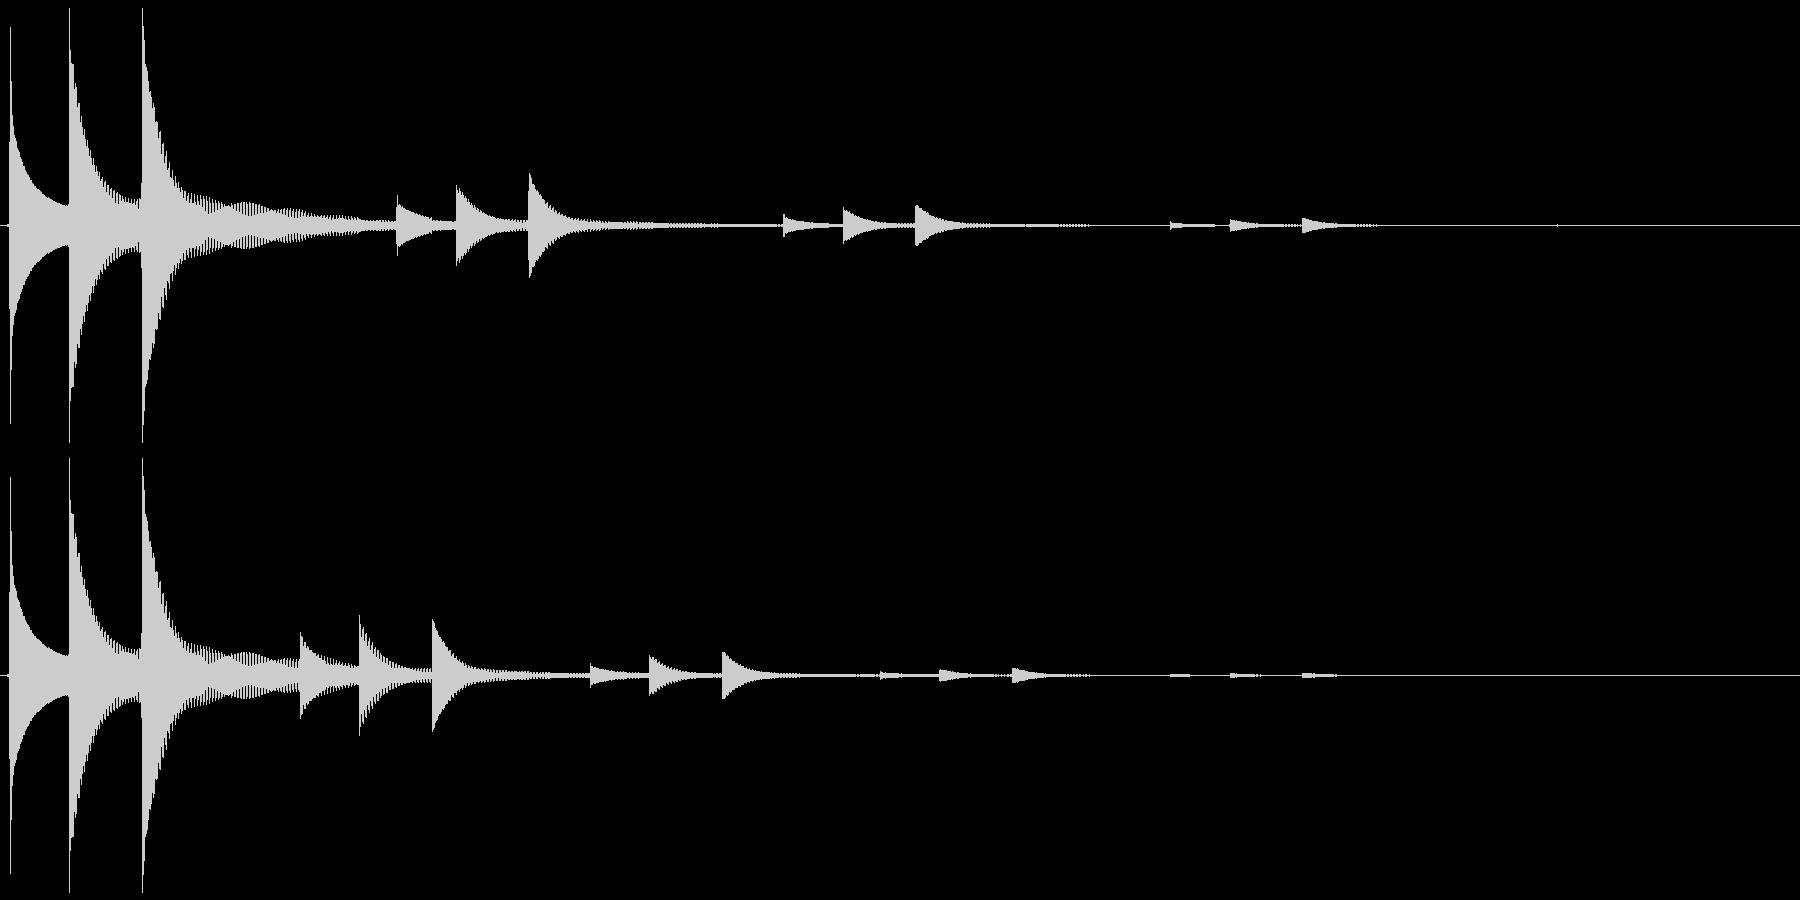 ニュートピック効果音の未再生の波形